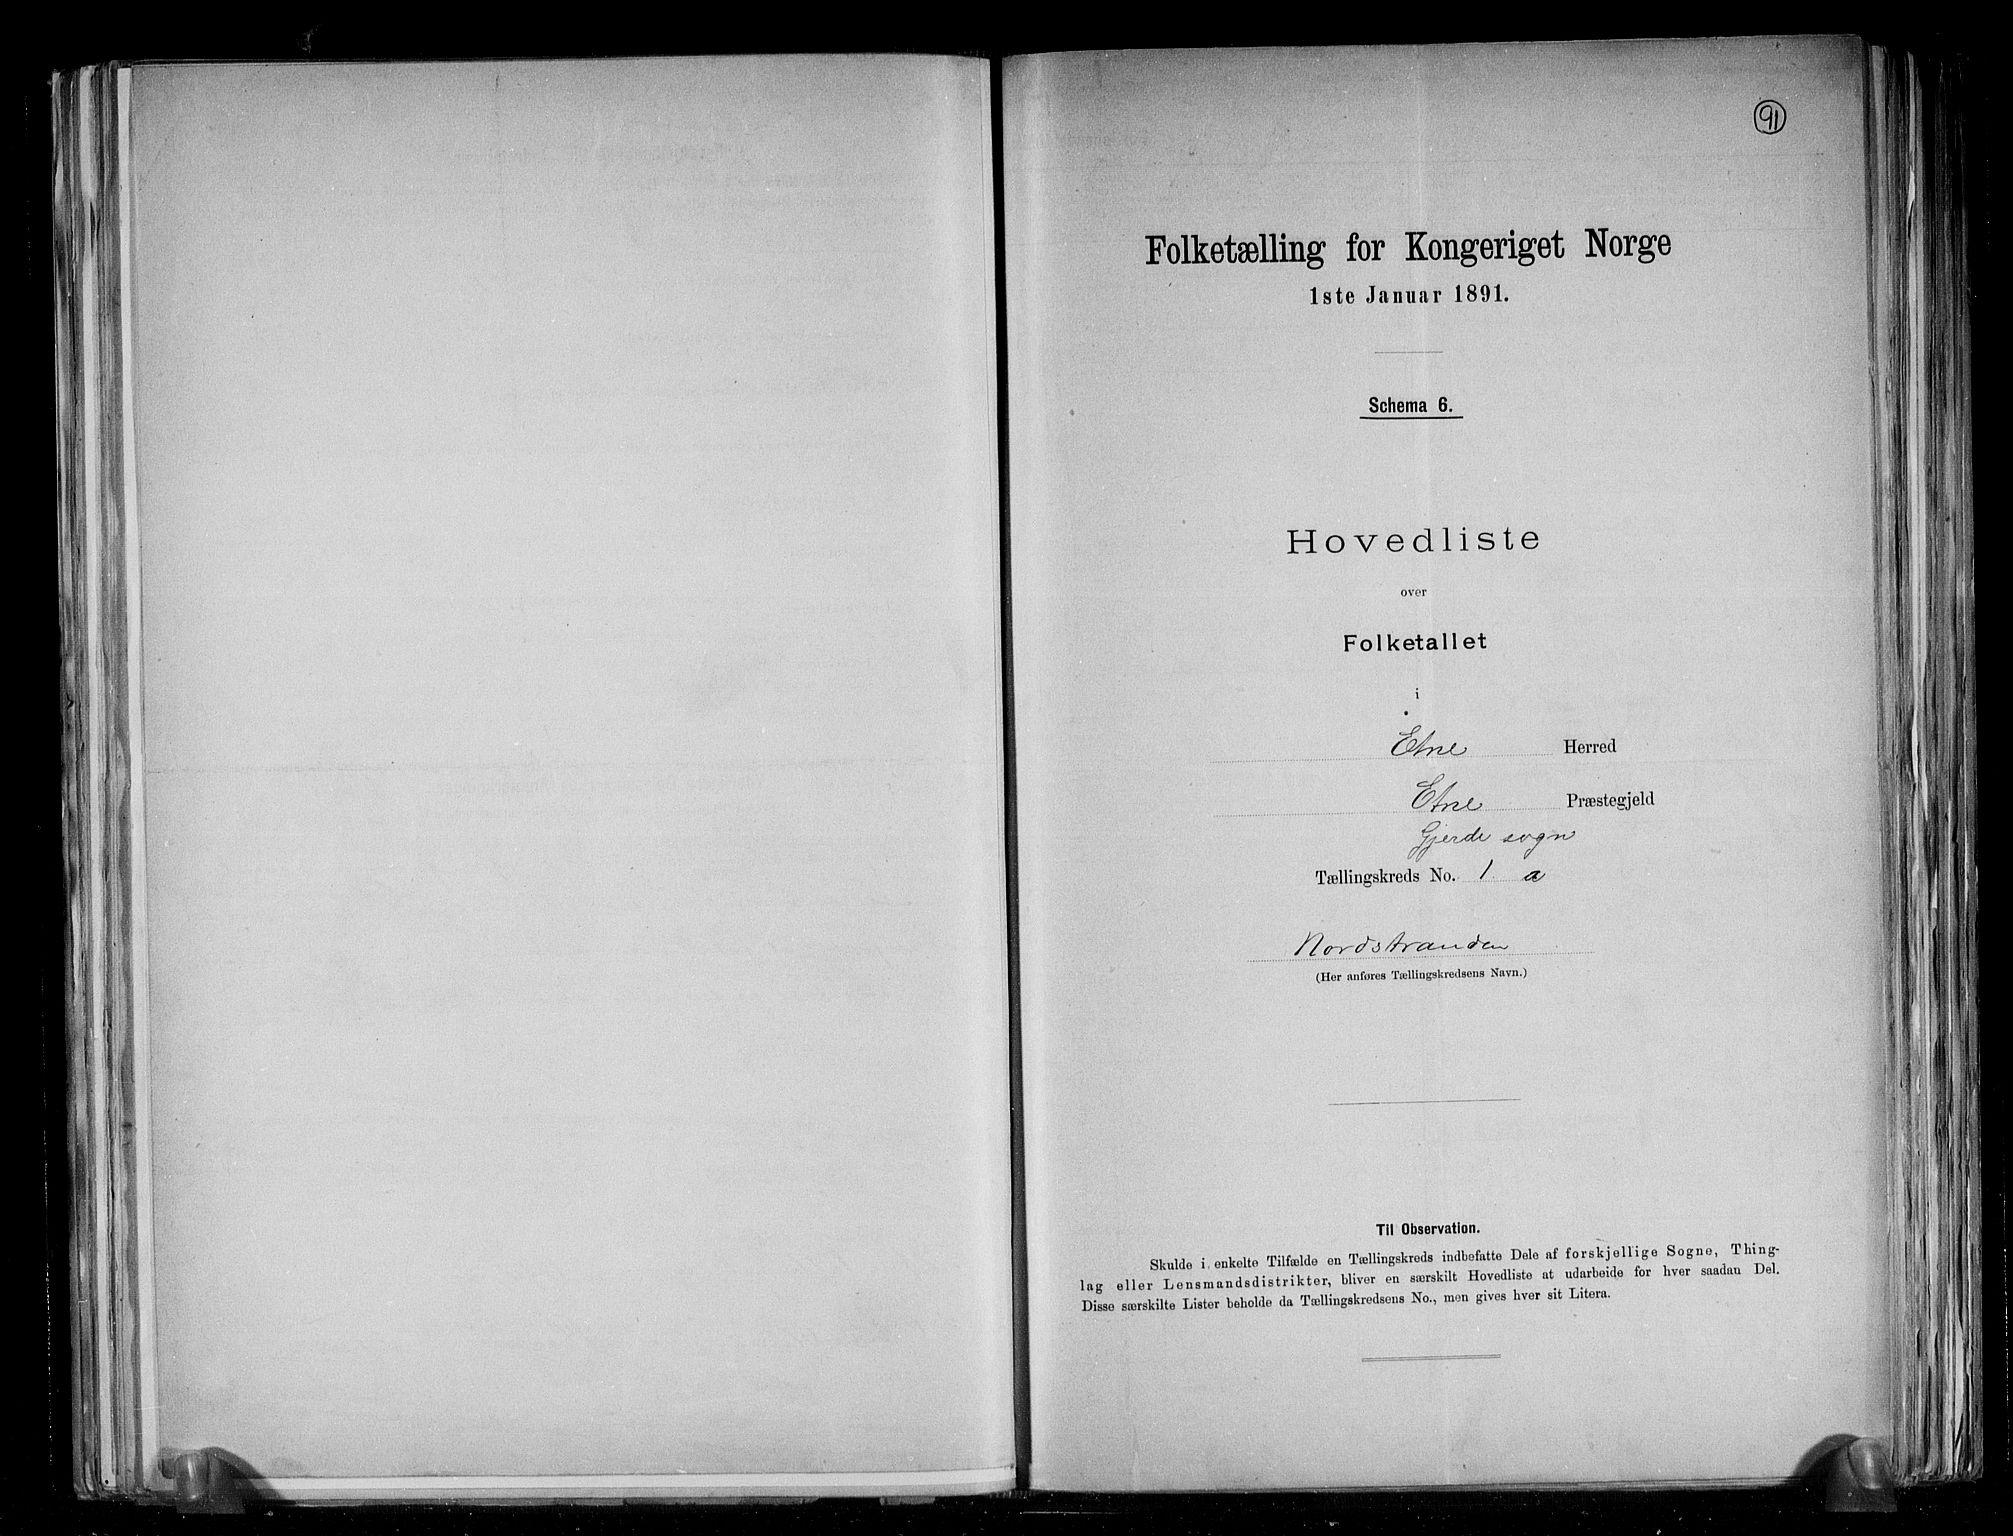 RA, Folketelling 1891 for 1211 Etne herred, 1891, s. 4